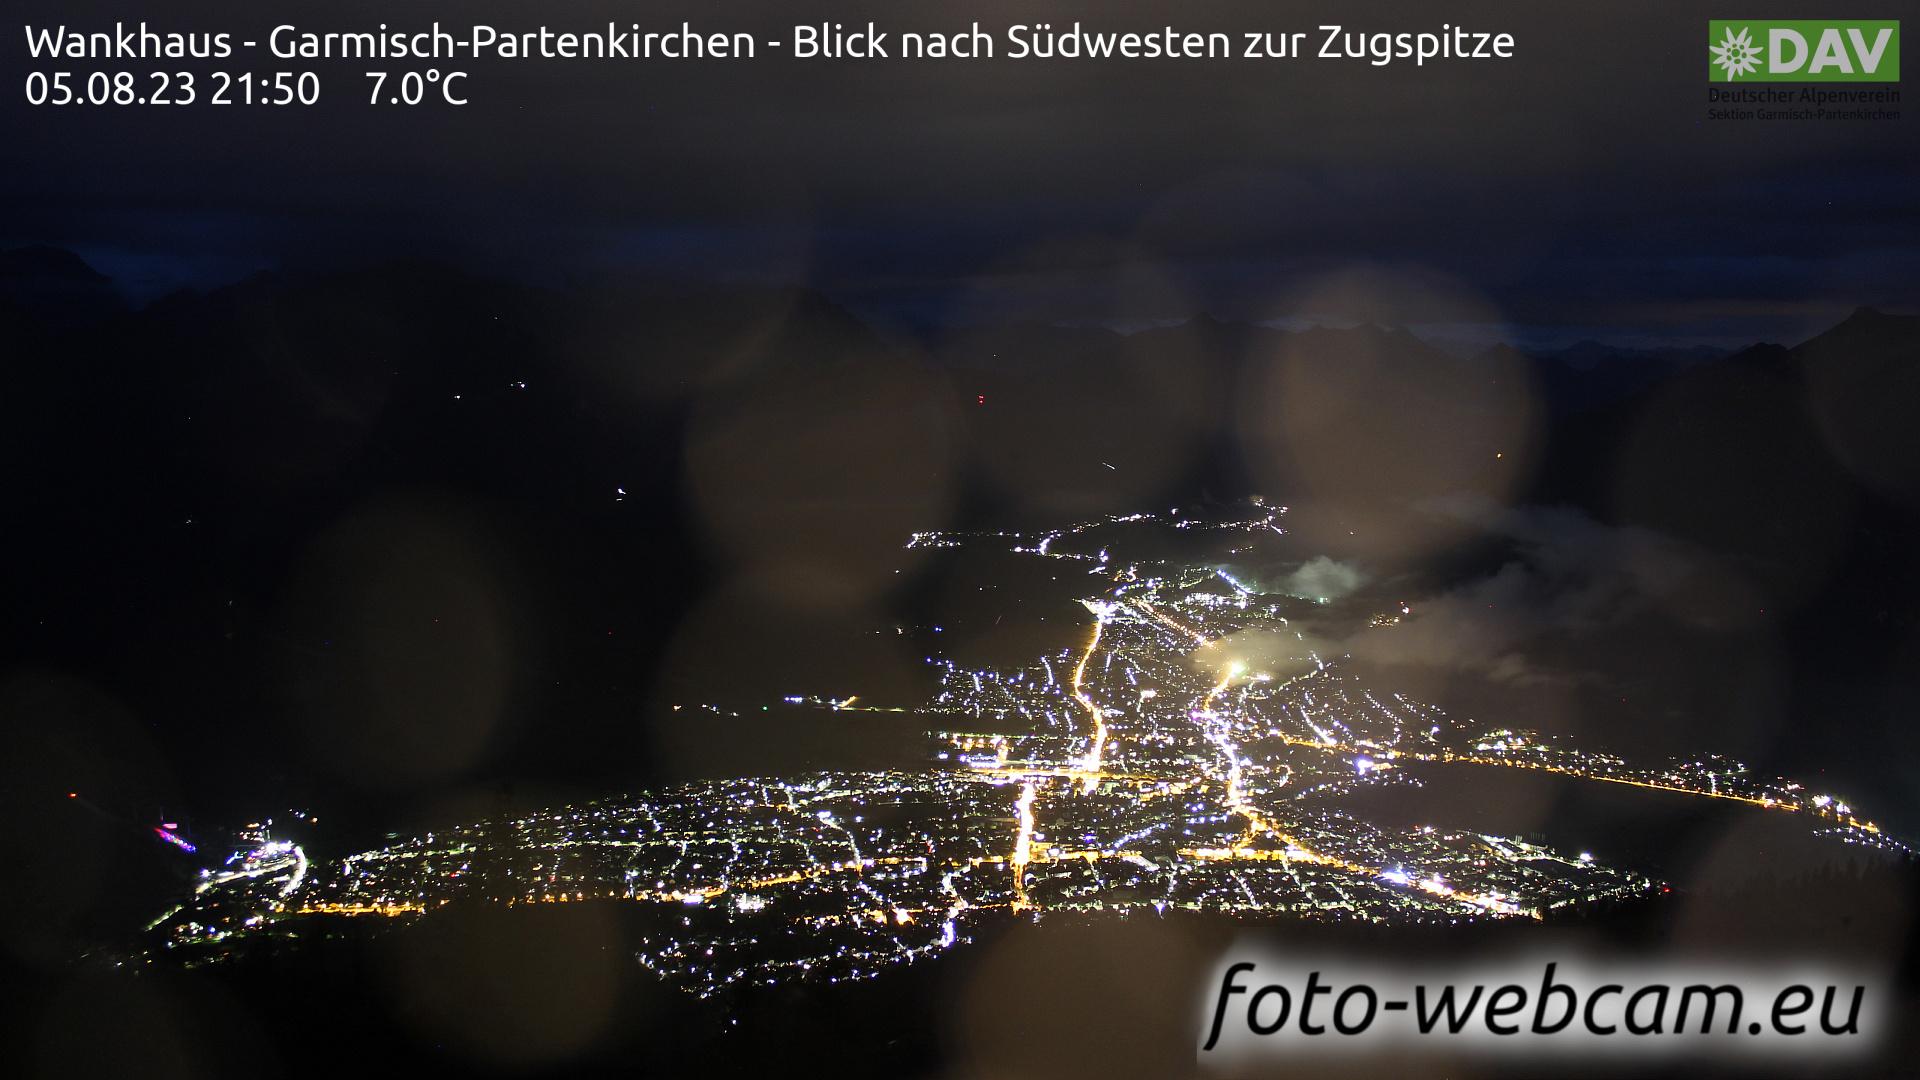 Garmisch-Partenkirchen Mon. 21:52